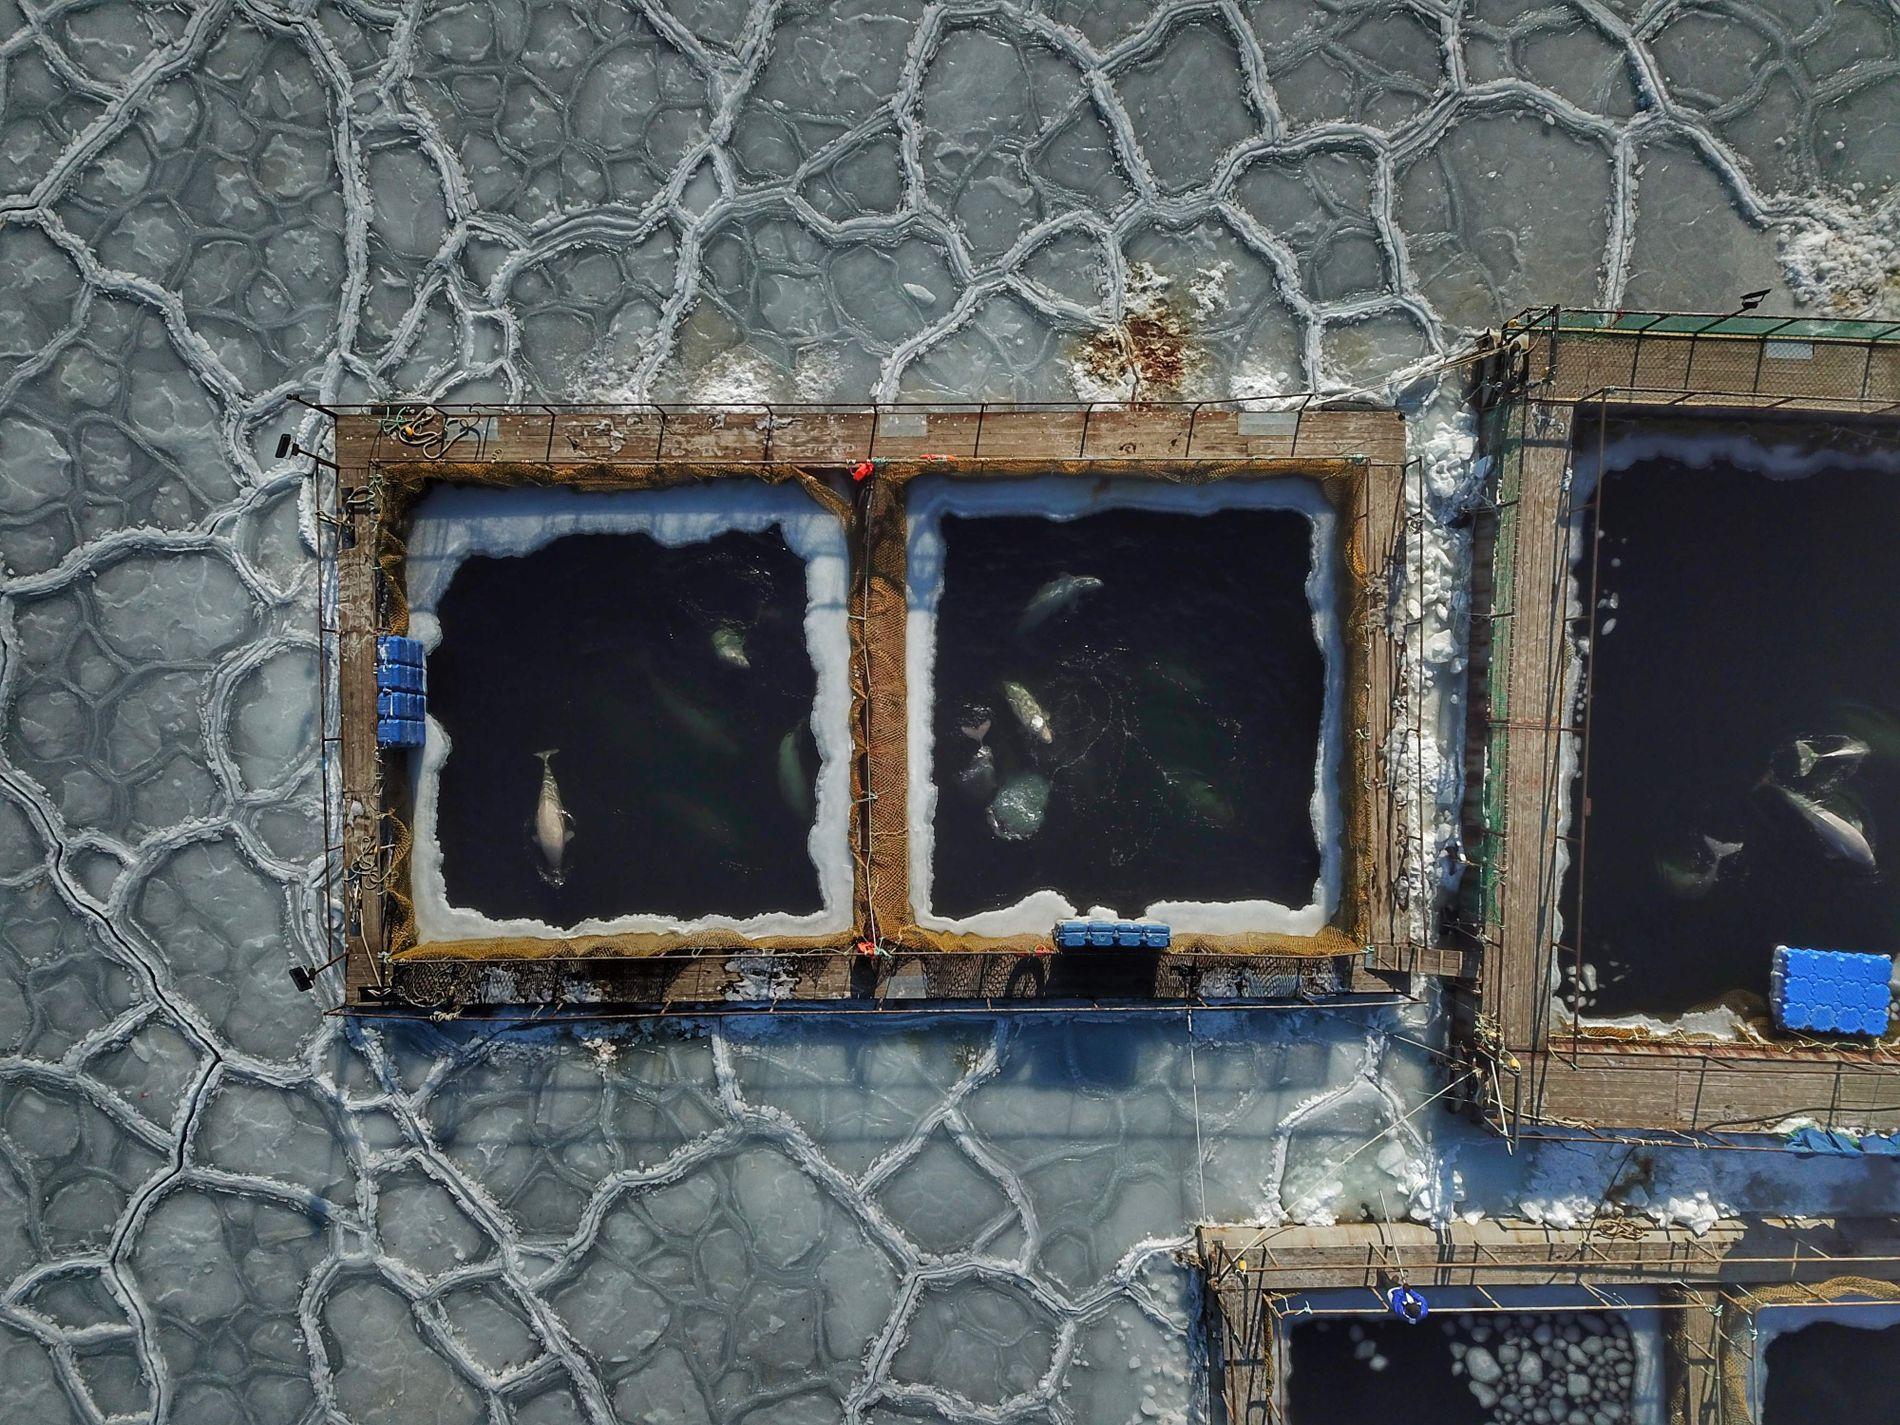 I FANGENSKAP: 87 hvithvaler og elleve spekkhoggere holdes fanget nær havnebyen Nakhodka, øst i Russland. Bildet er tatt 22. januar 2019.